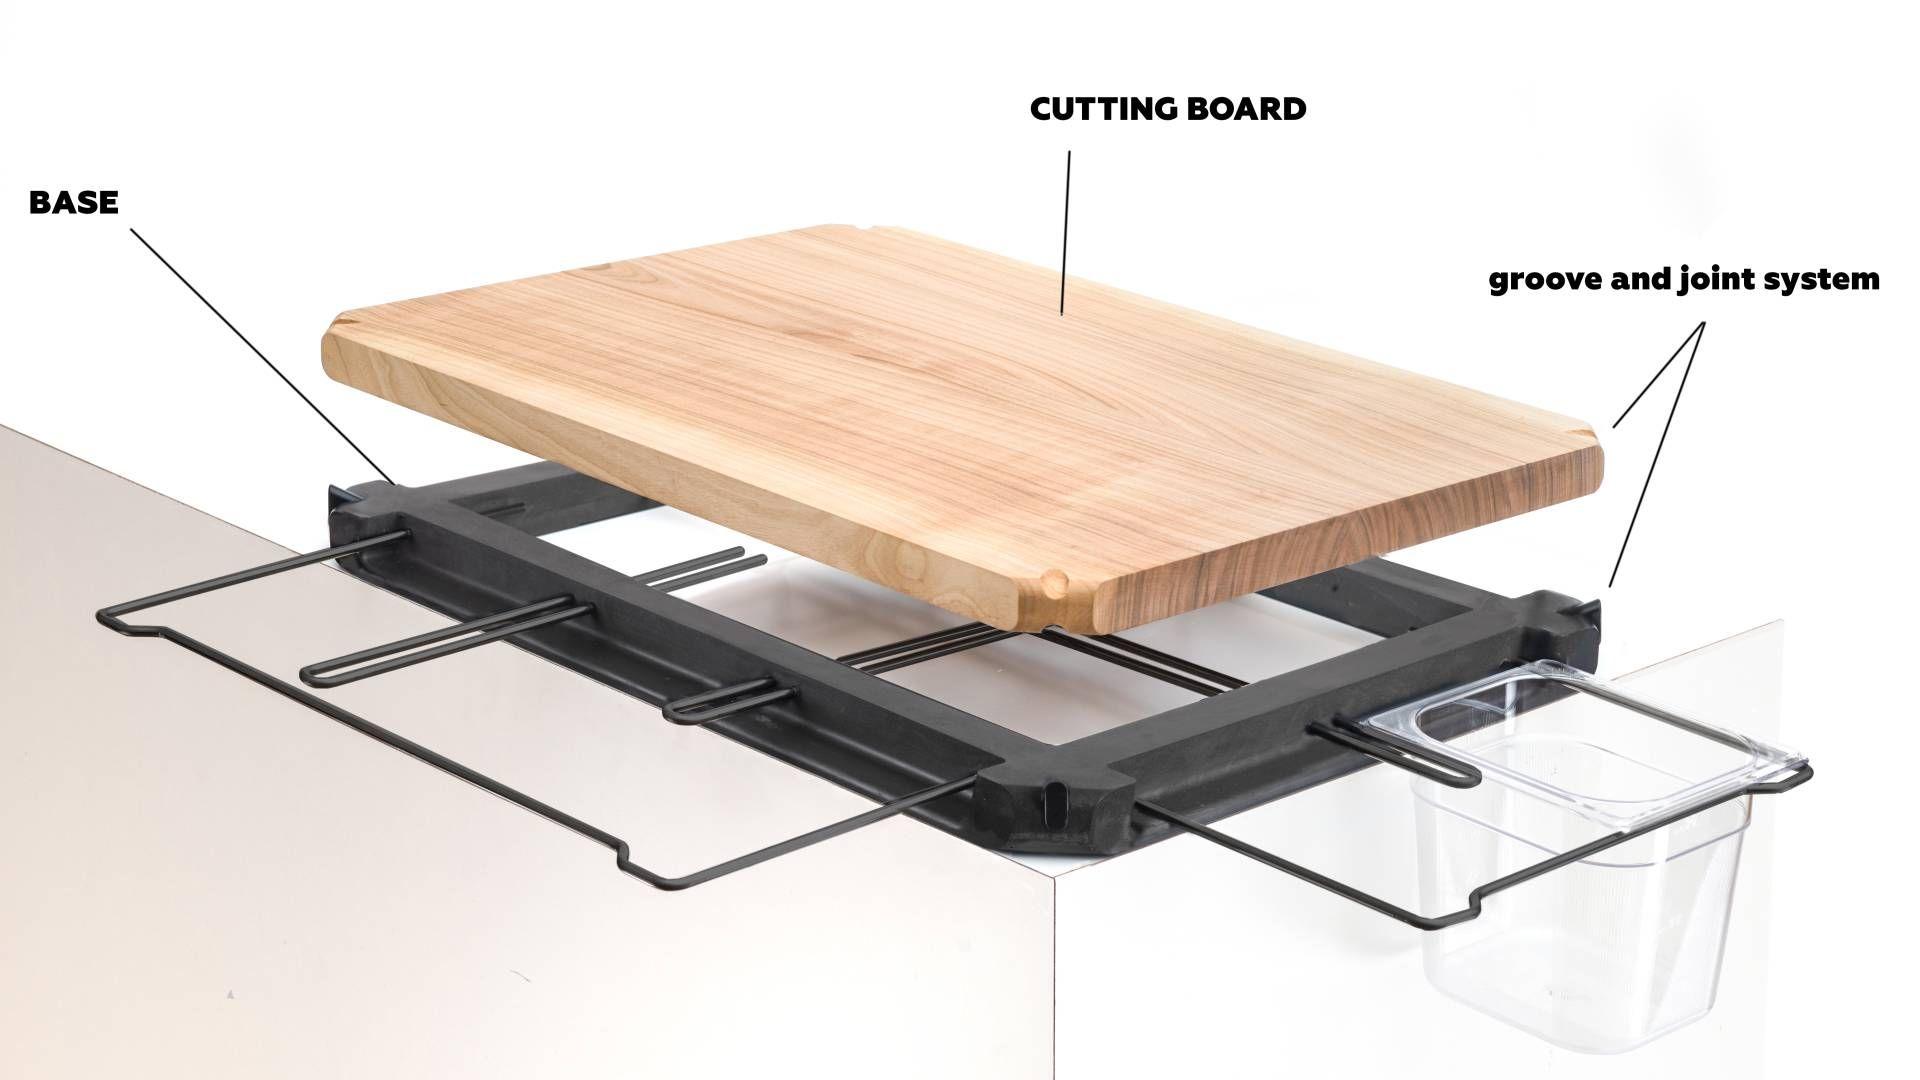 frankfurter brett die k chenwerkbank phoenix brettle pinterest. Black Bedroom Furniture Sets. Home Design Ideas